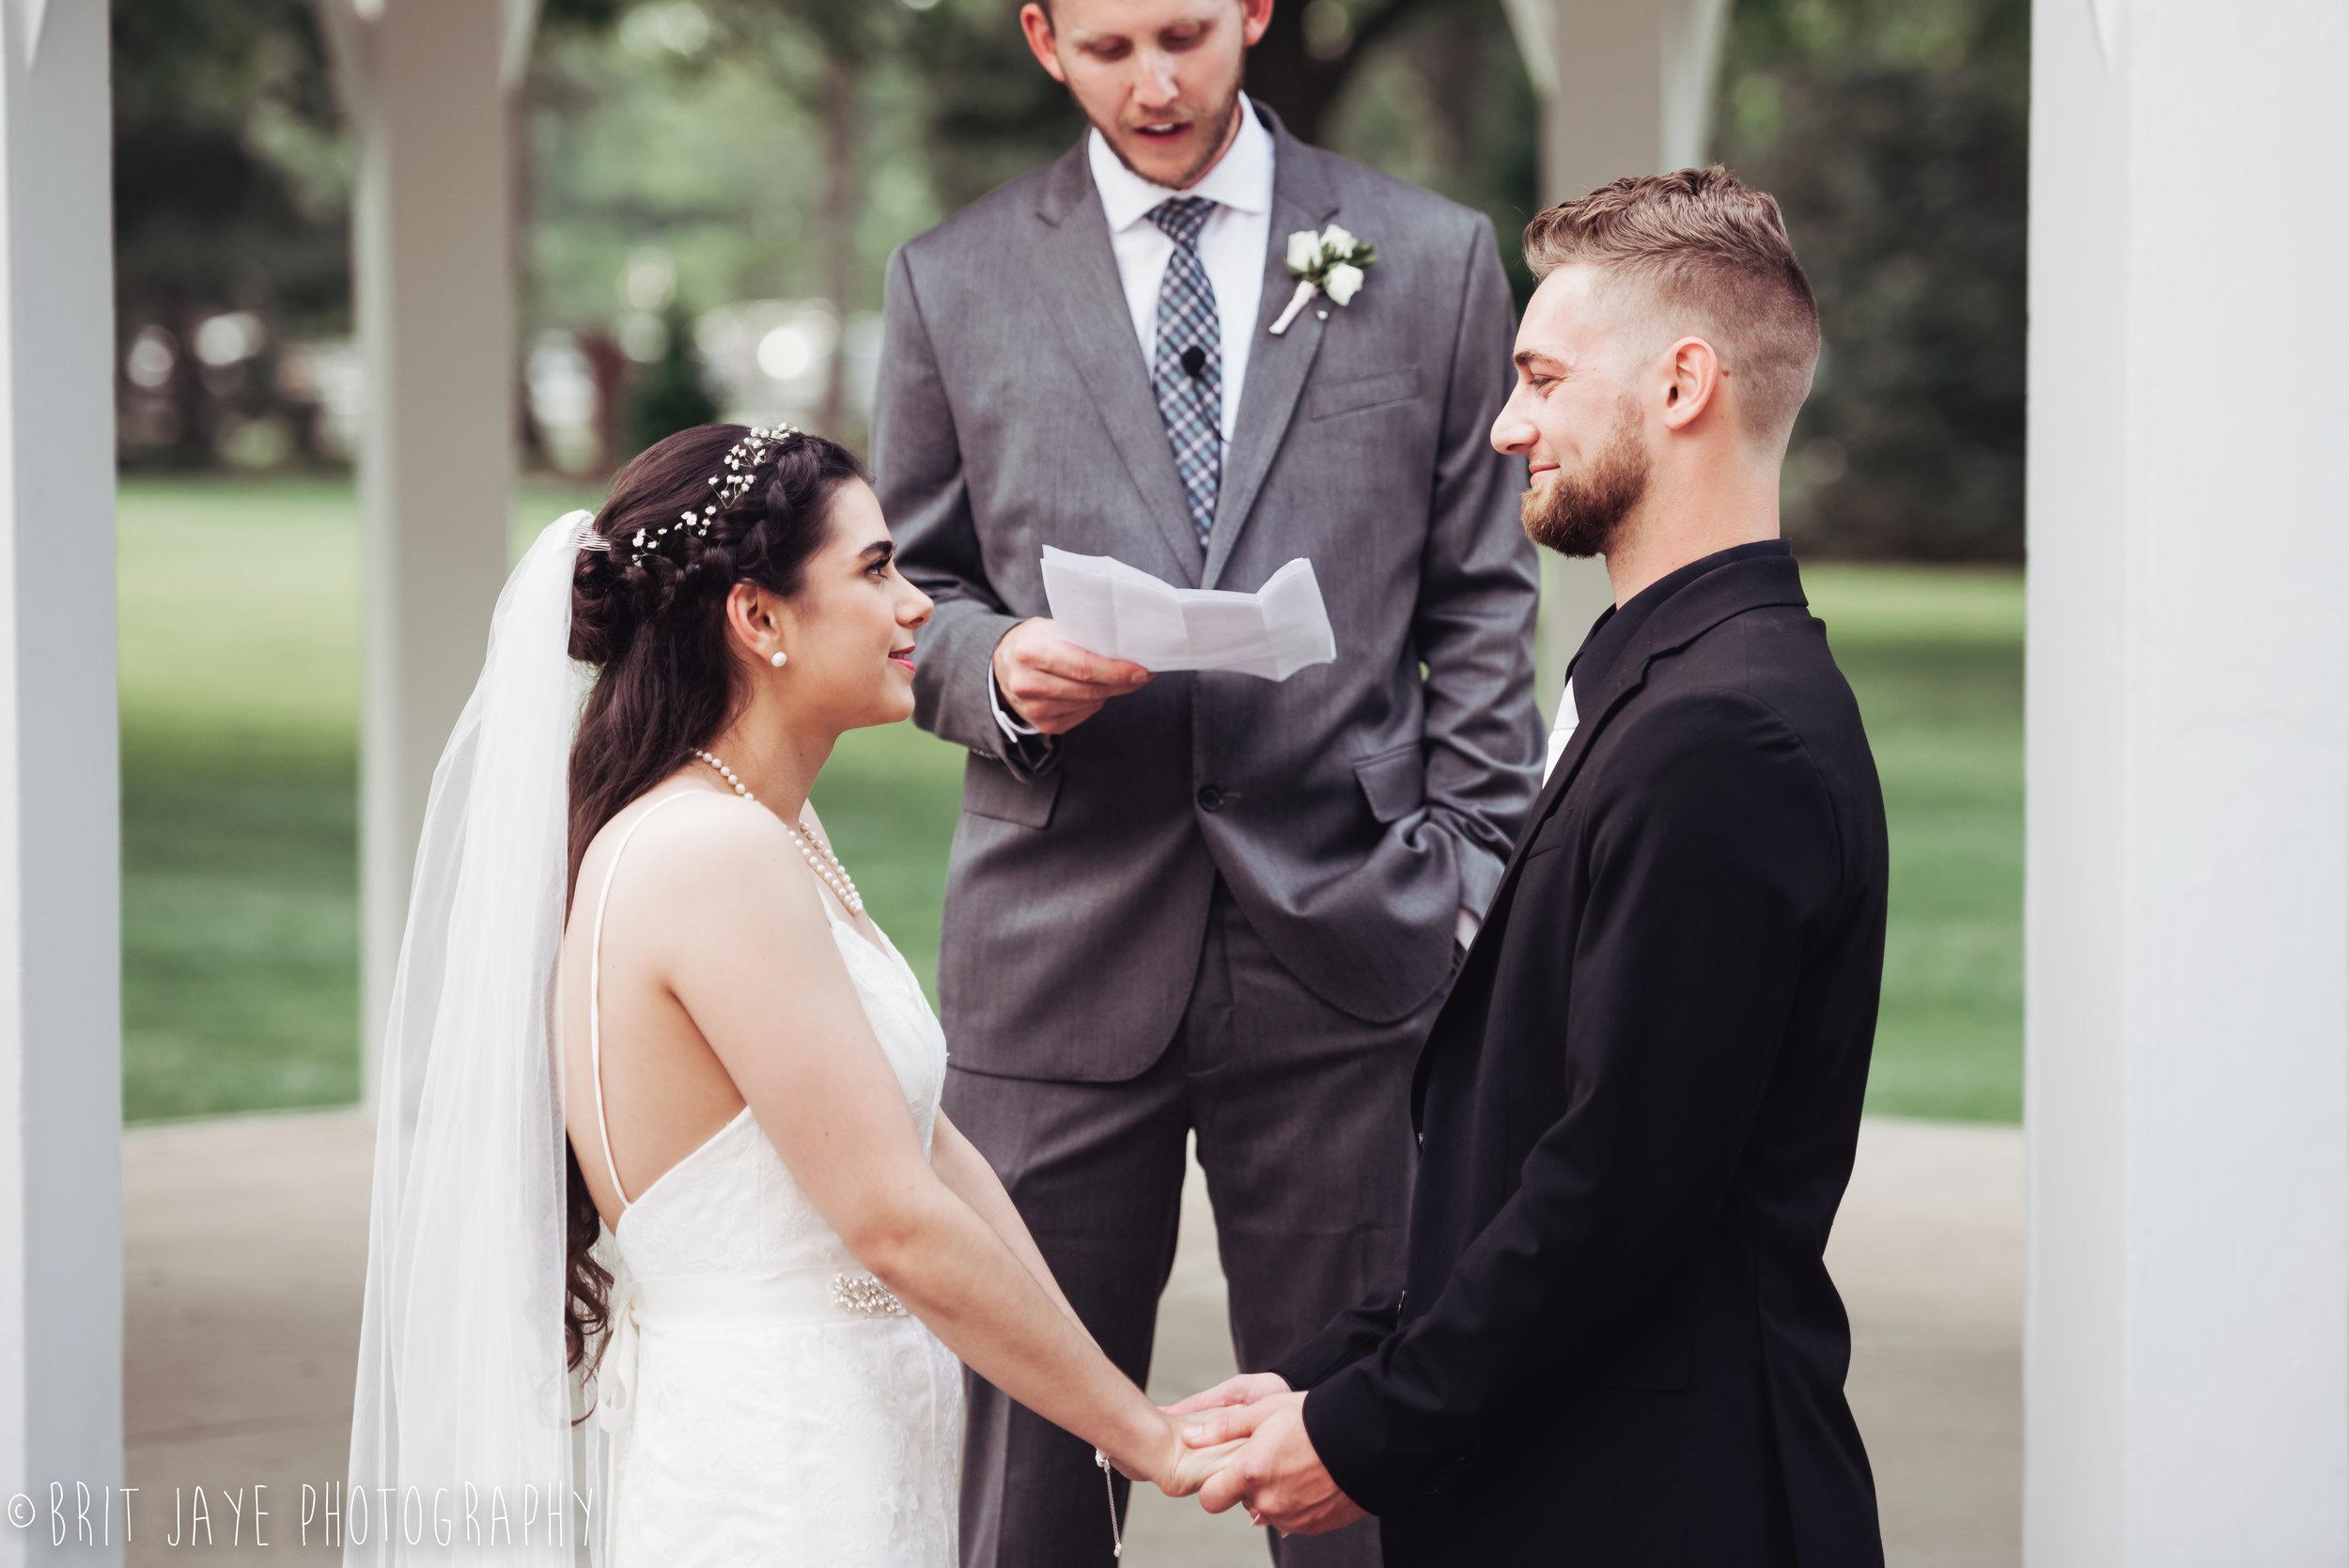 Polen_Farm_Summer_Wedding_Dayton_Ohio-29.jpg